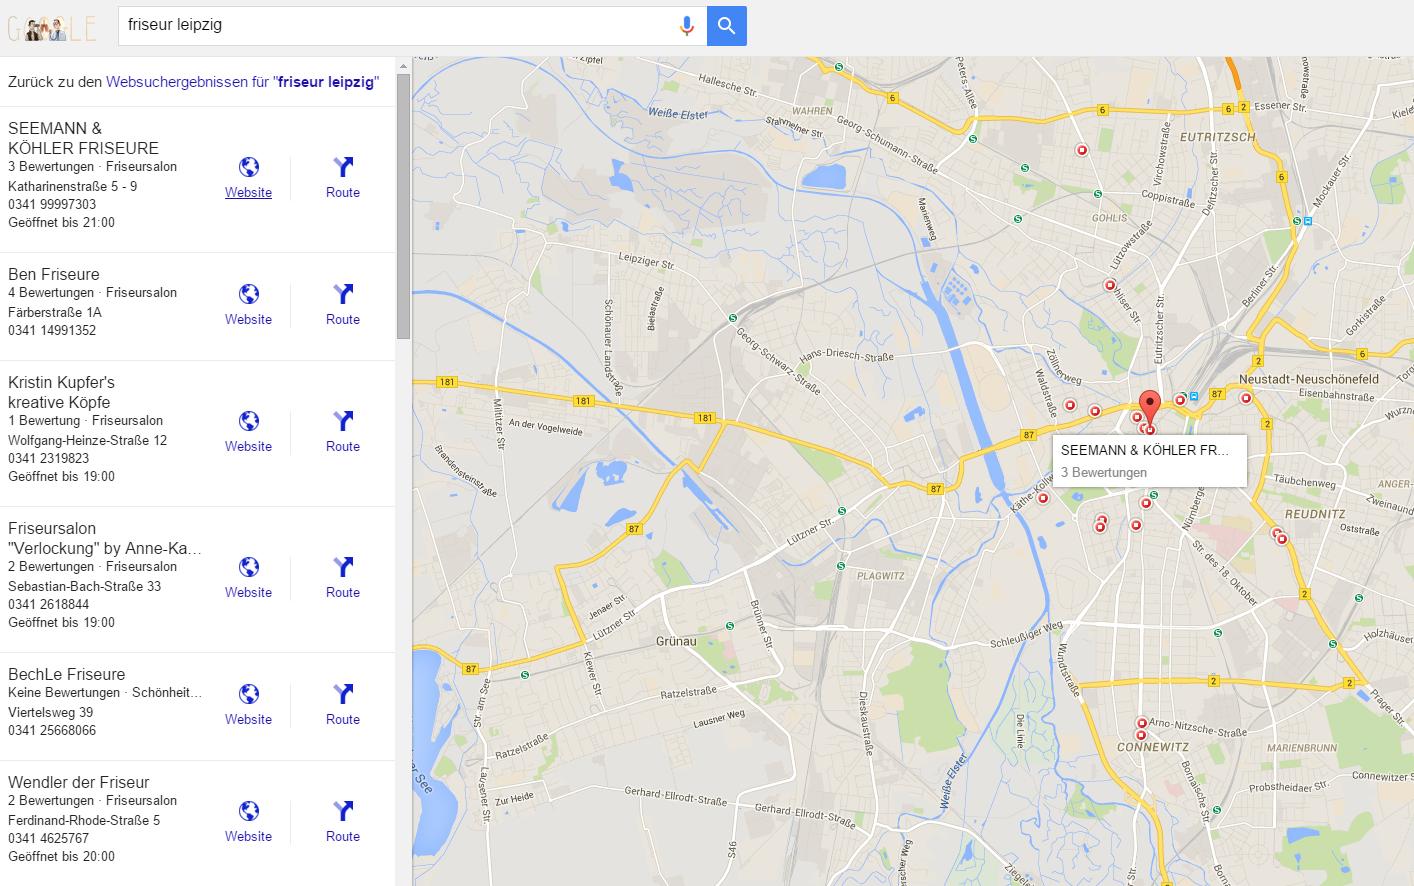 Kartenausschnitt Google Maps